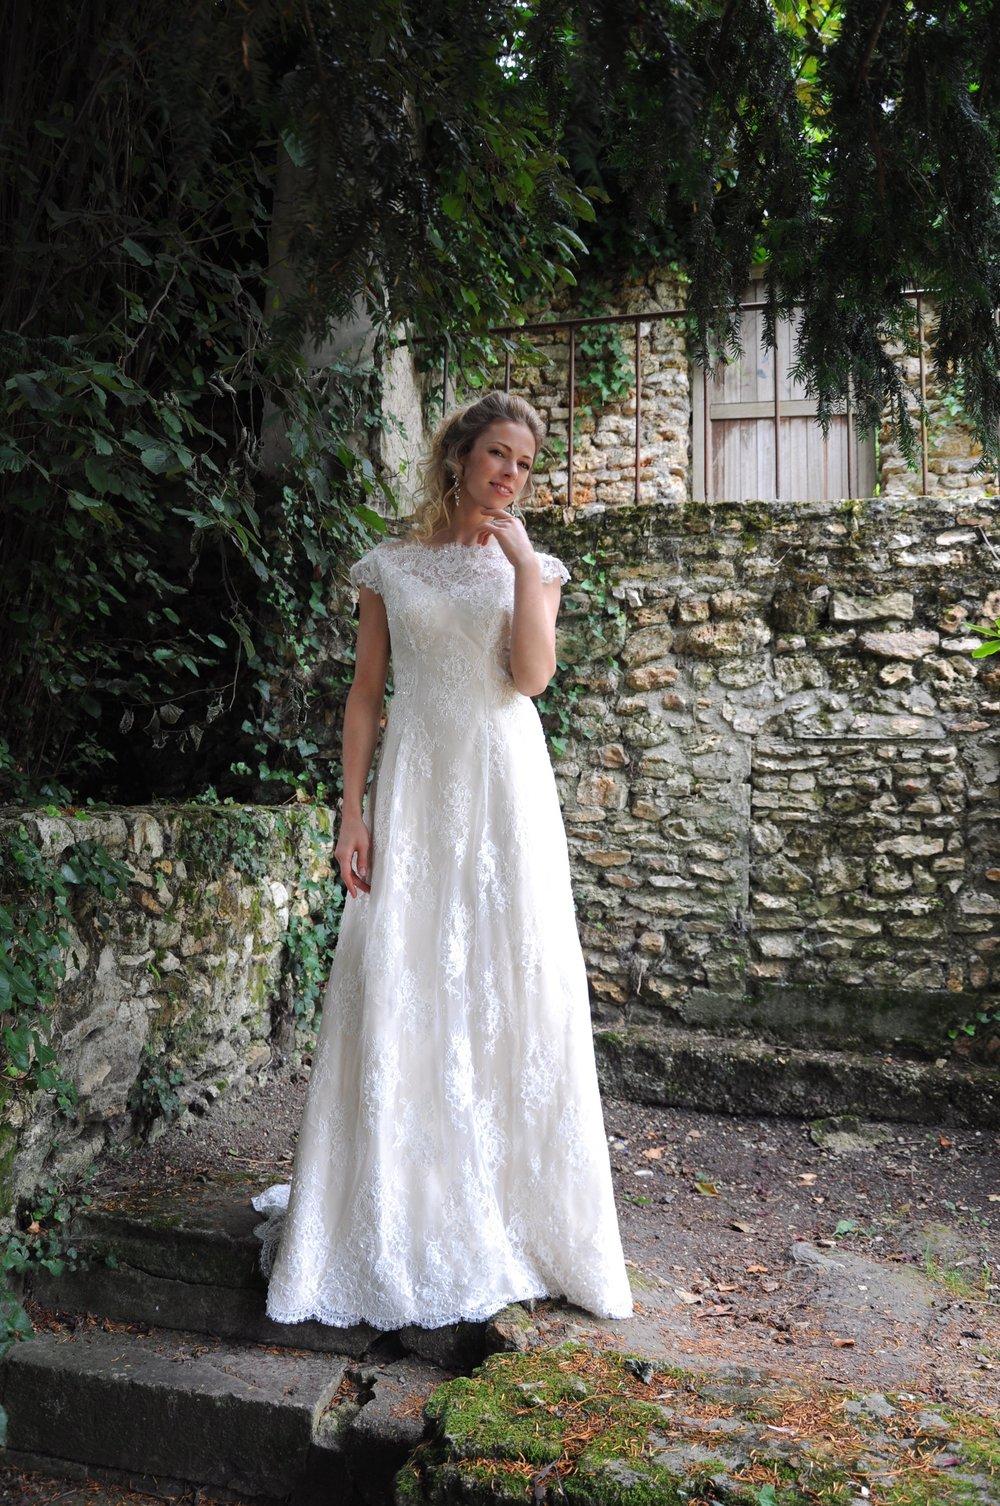 Robe de mariée romantique en dentelle Agnes Szabelewski.jpg